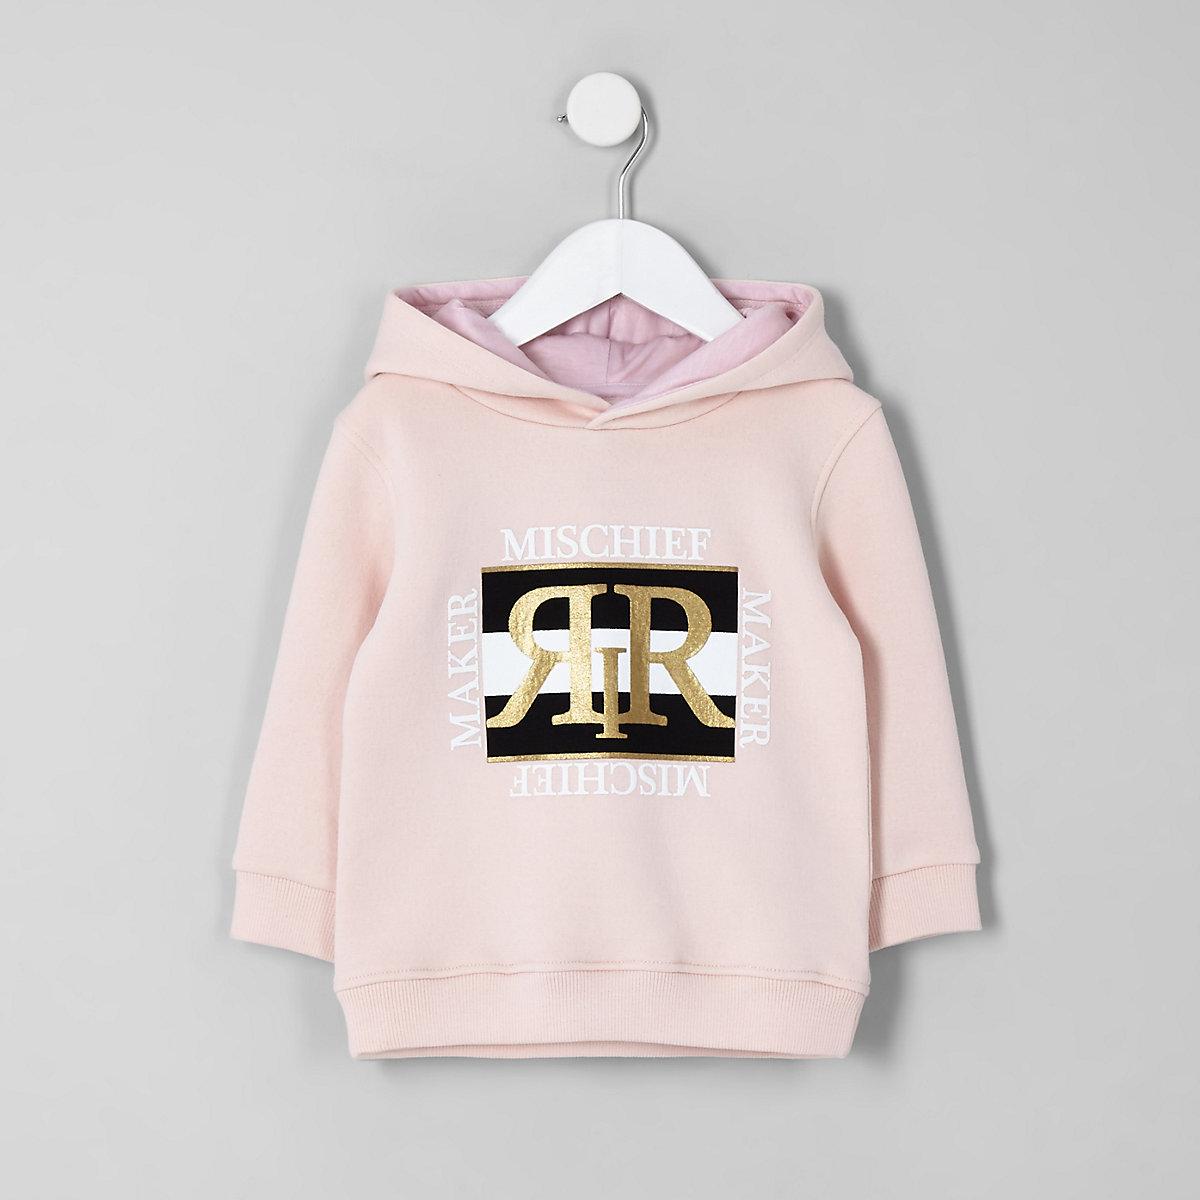 Mini boys pink 'Mischief maker' hoodie